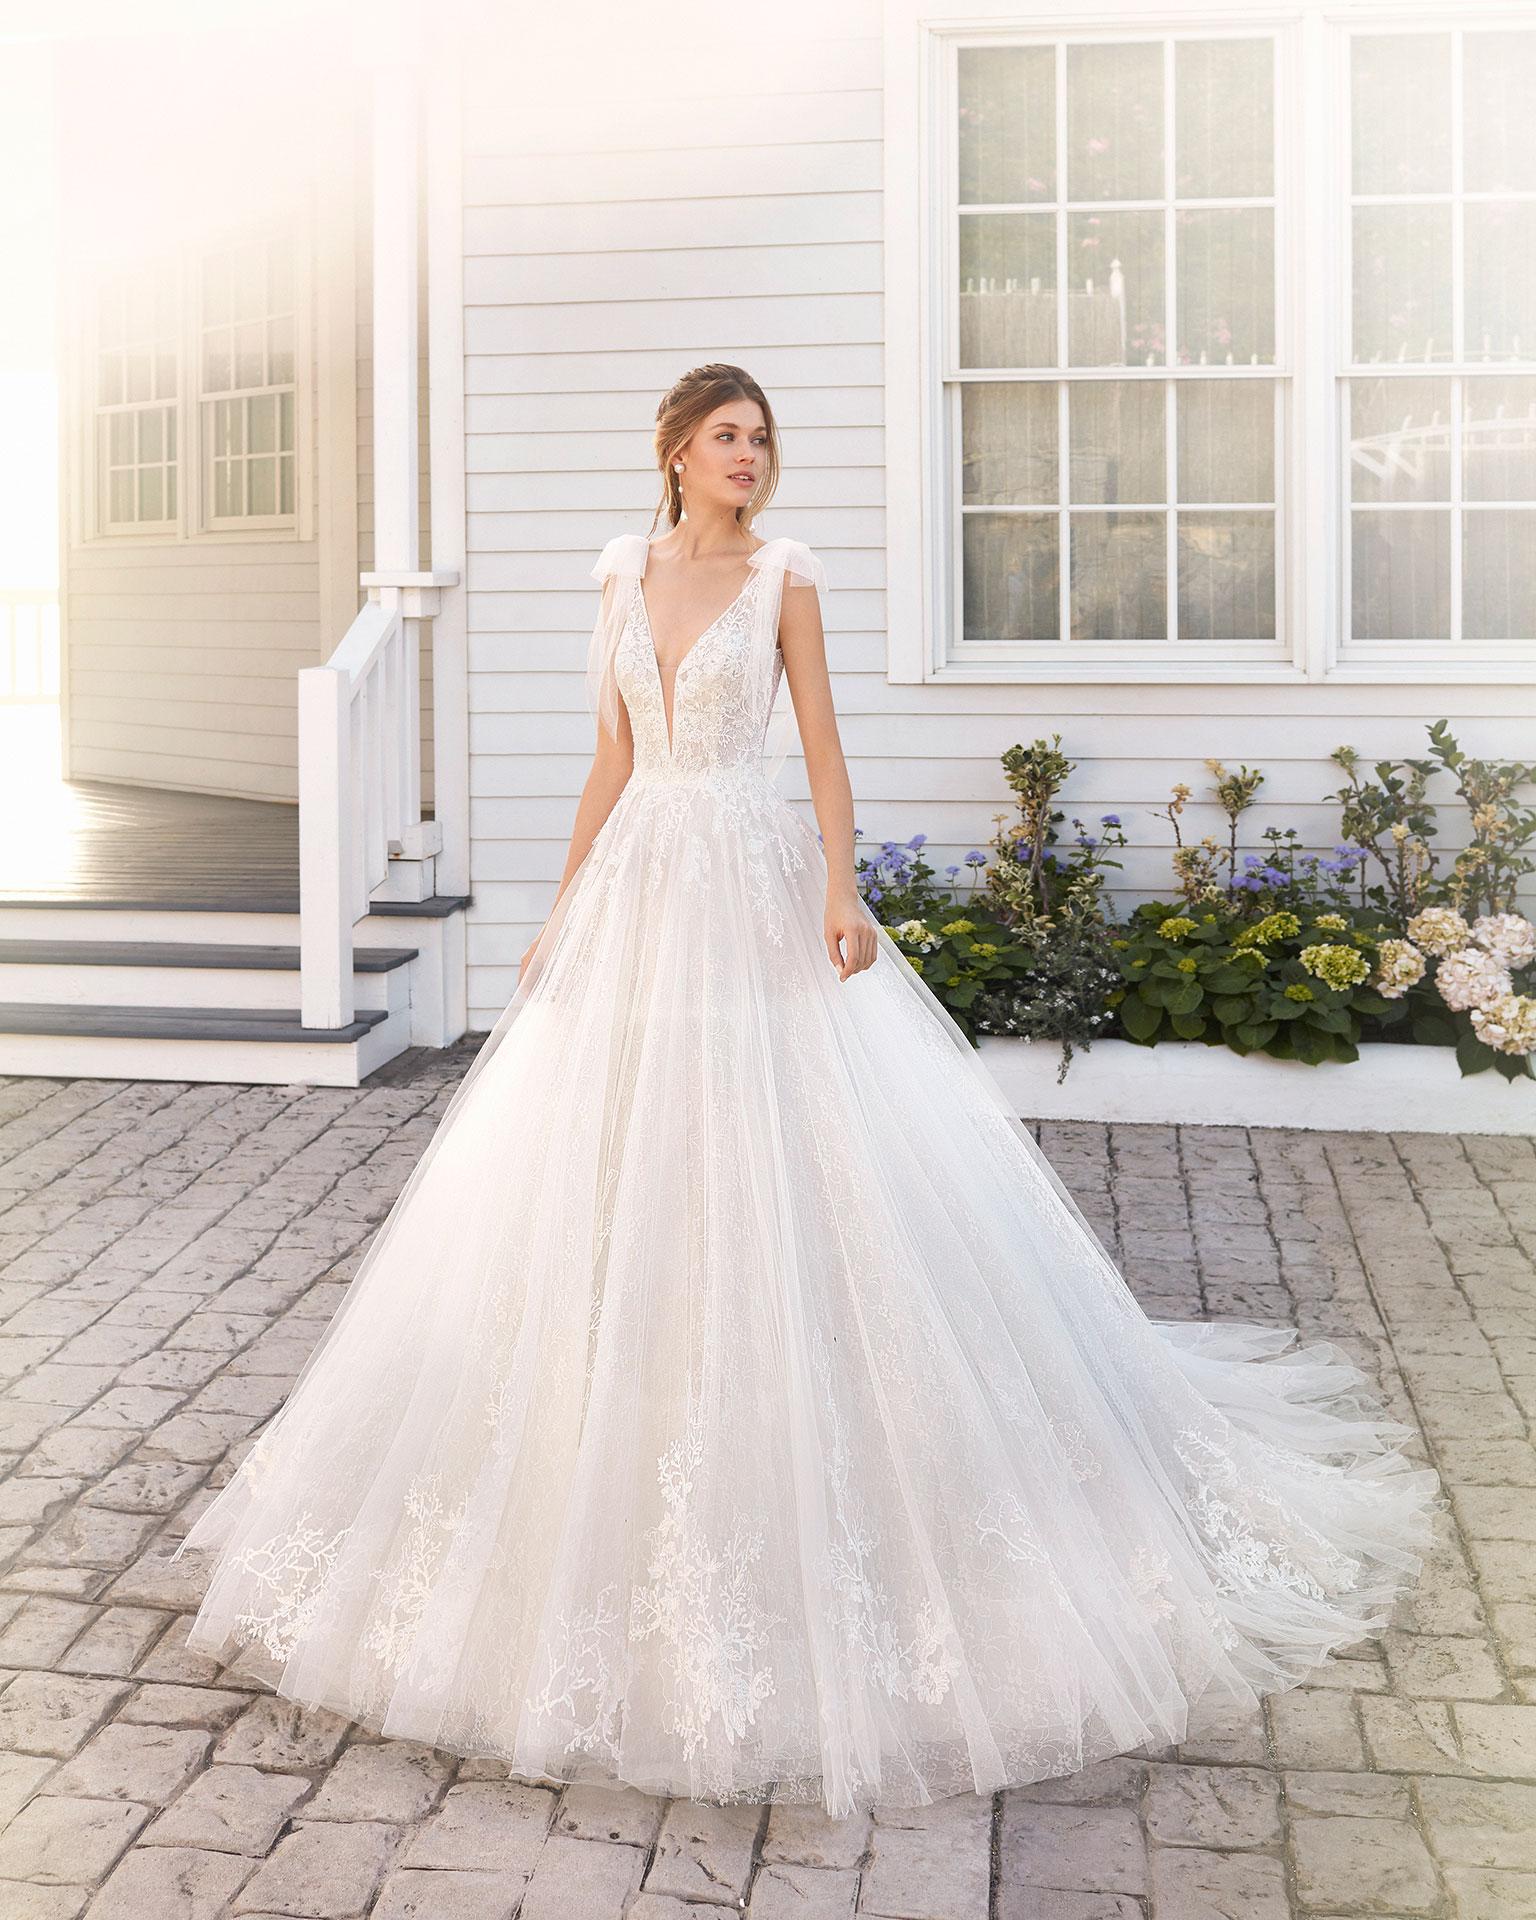 Brautkleid Hochzeitskleid Peine Hochzeitsblume romantisches